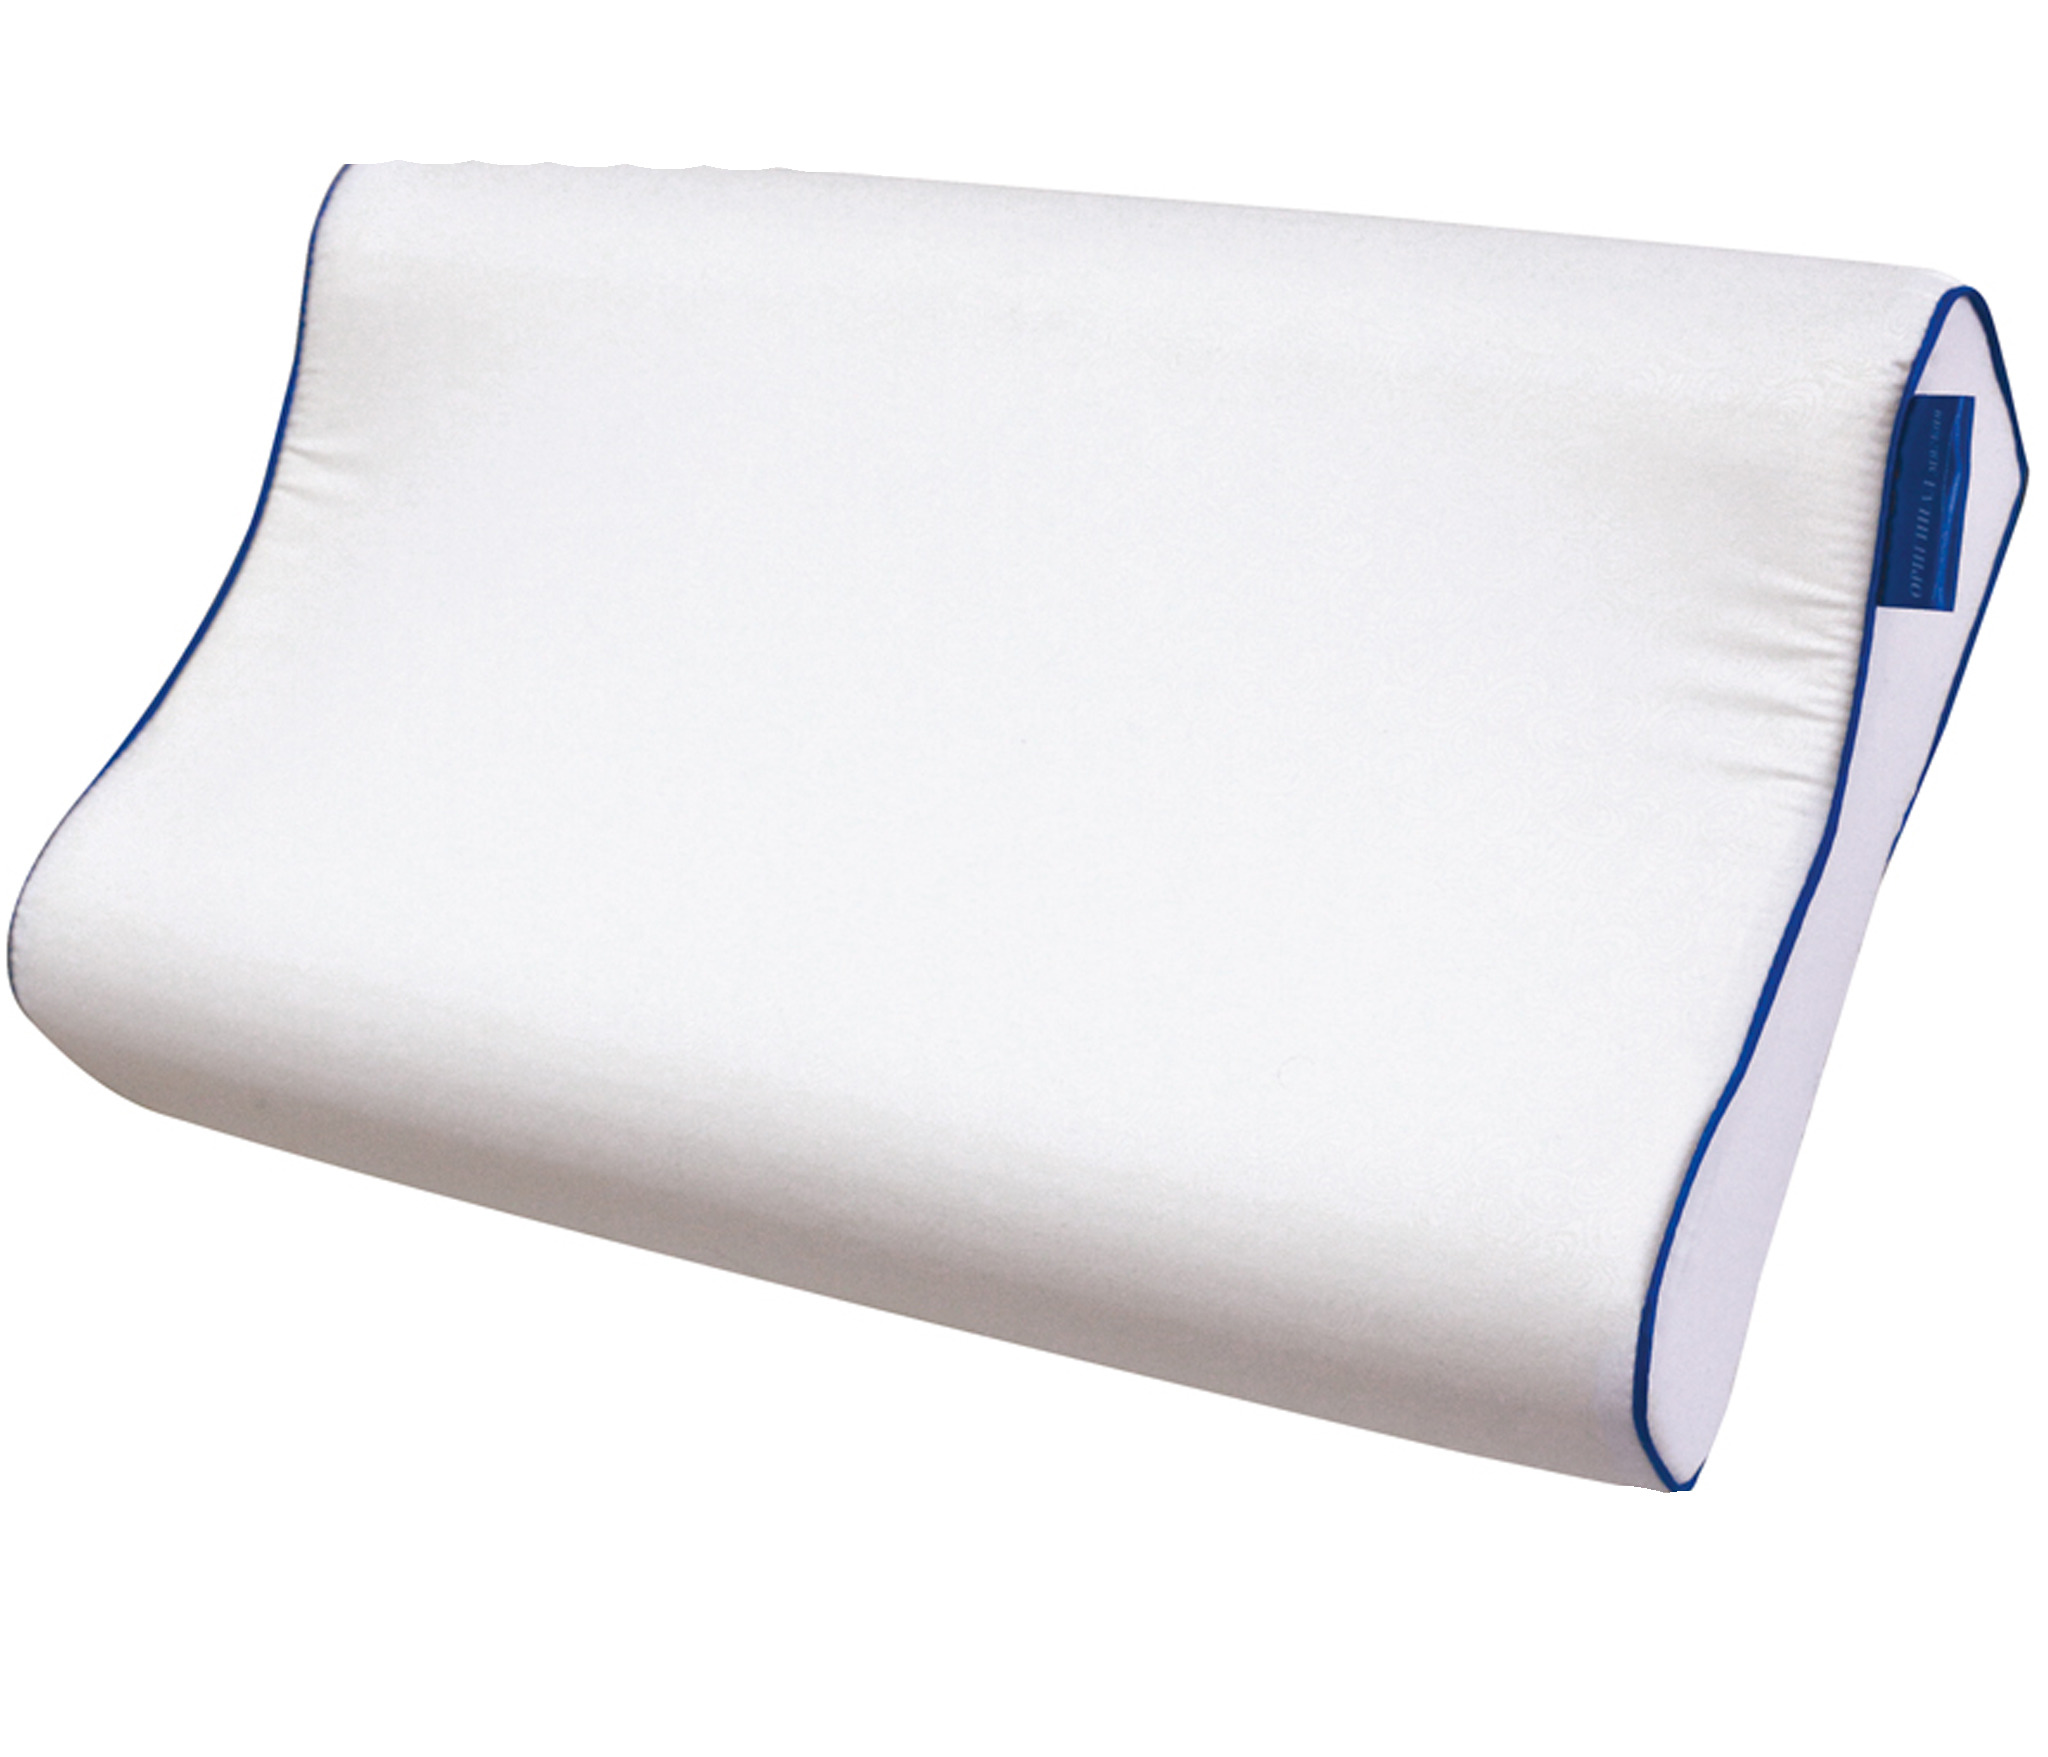 Подушка ортопедическая Original SoftПодушки<br>2 уровня поддержки: жесткая / мягкая&#13;Размер: 30см х 50см, высота подшейных валиков 7,5см / 10,5см&#13;Наполнитель: гипоаллергенный материал Skycell&#13;Чехол съемный : микрофибра 100 % полиэстер&#13;Упаковка: пакет 40 микрон&#13;Свойства:&#13;-принимает форму тела&#13;-регулирует тепло обмен во время сна&#13;-не вызывает аллергию&#13;-предотвращает появление клещей&#13;-экологически чистая&#13;]]&gt;<br><br>Длина мм: 0<br>Высота мм: 0<br>Глубина мм: 0